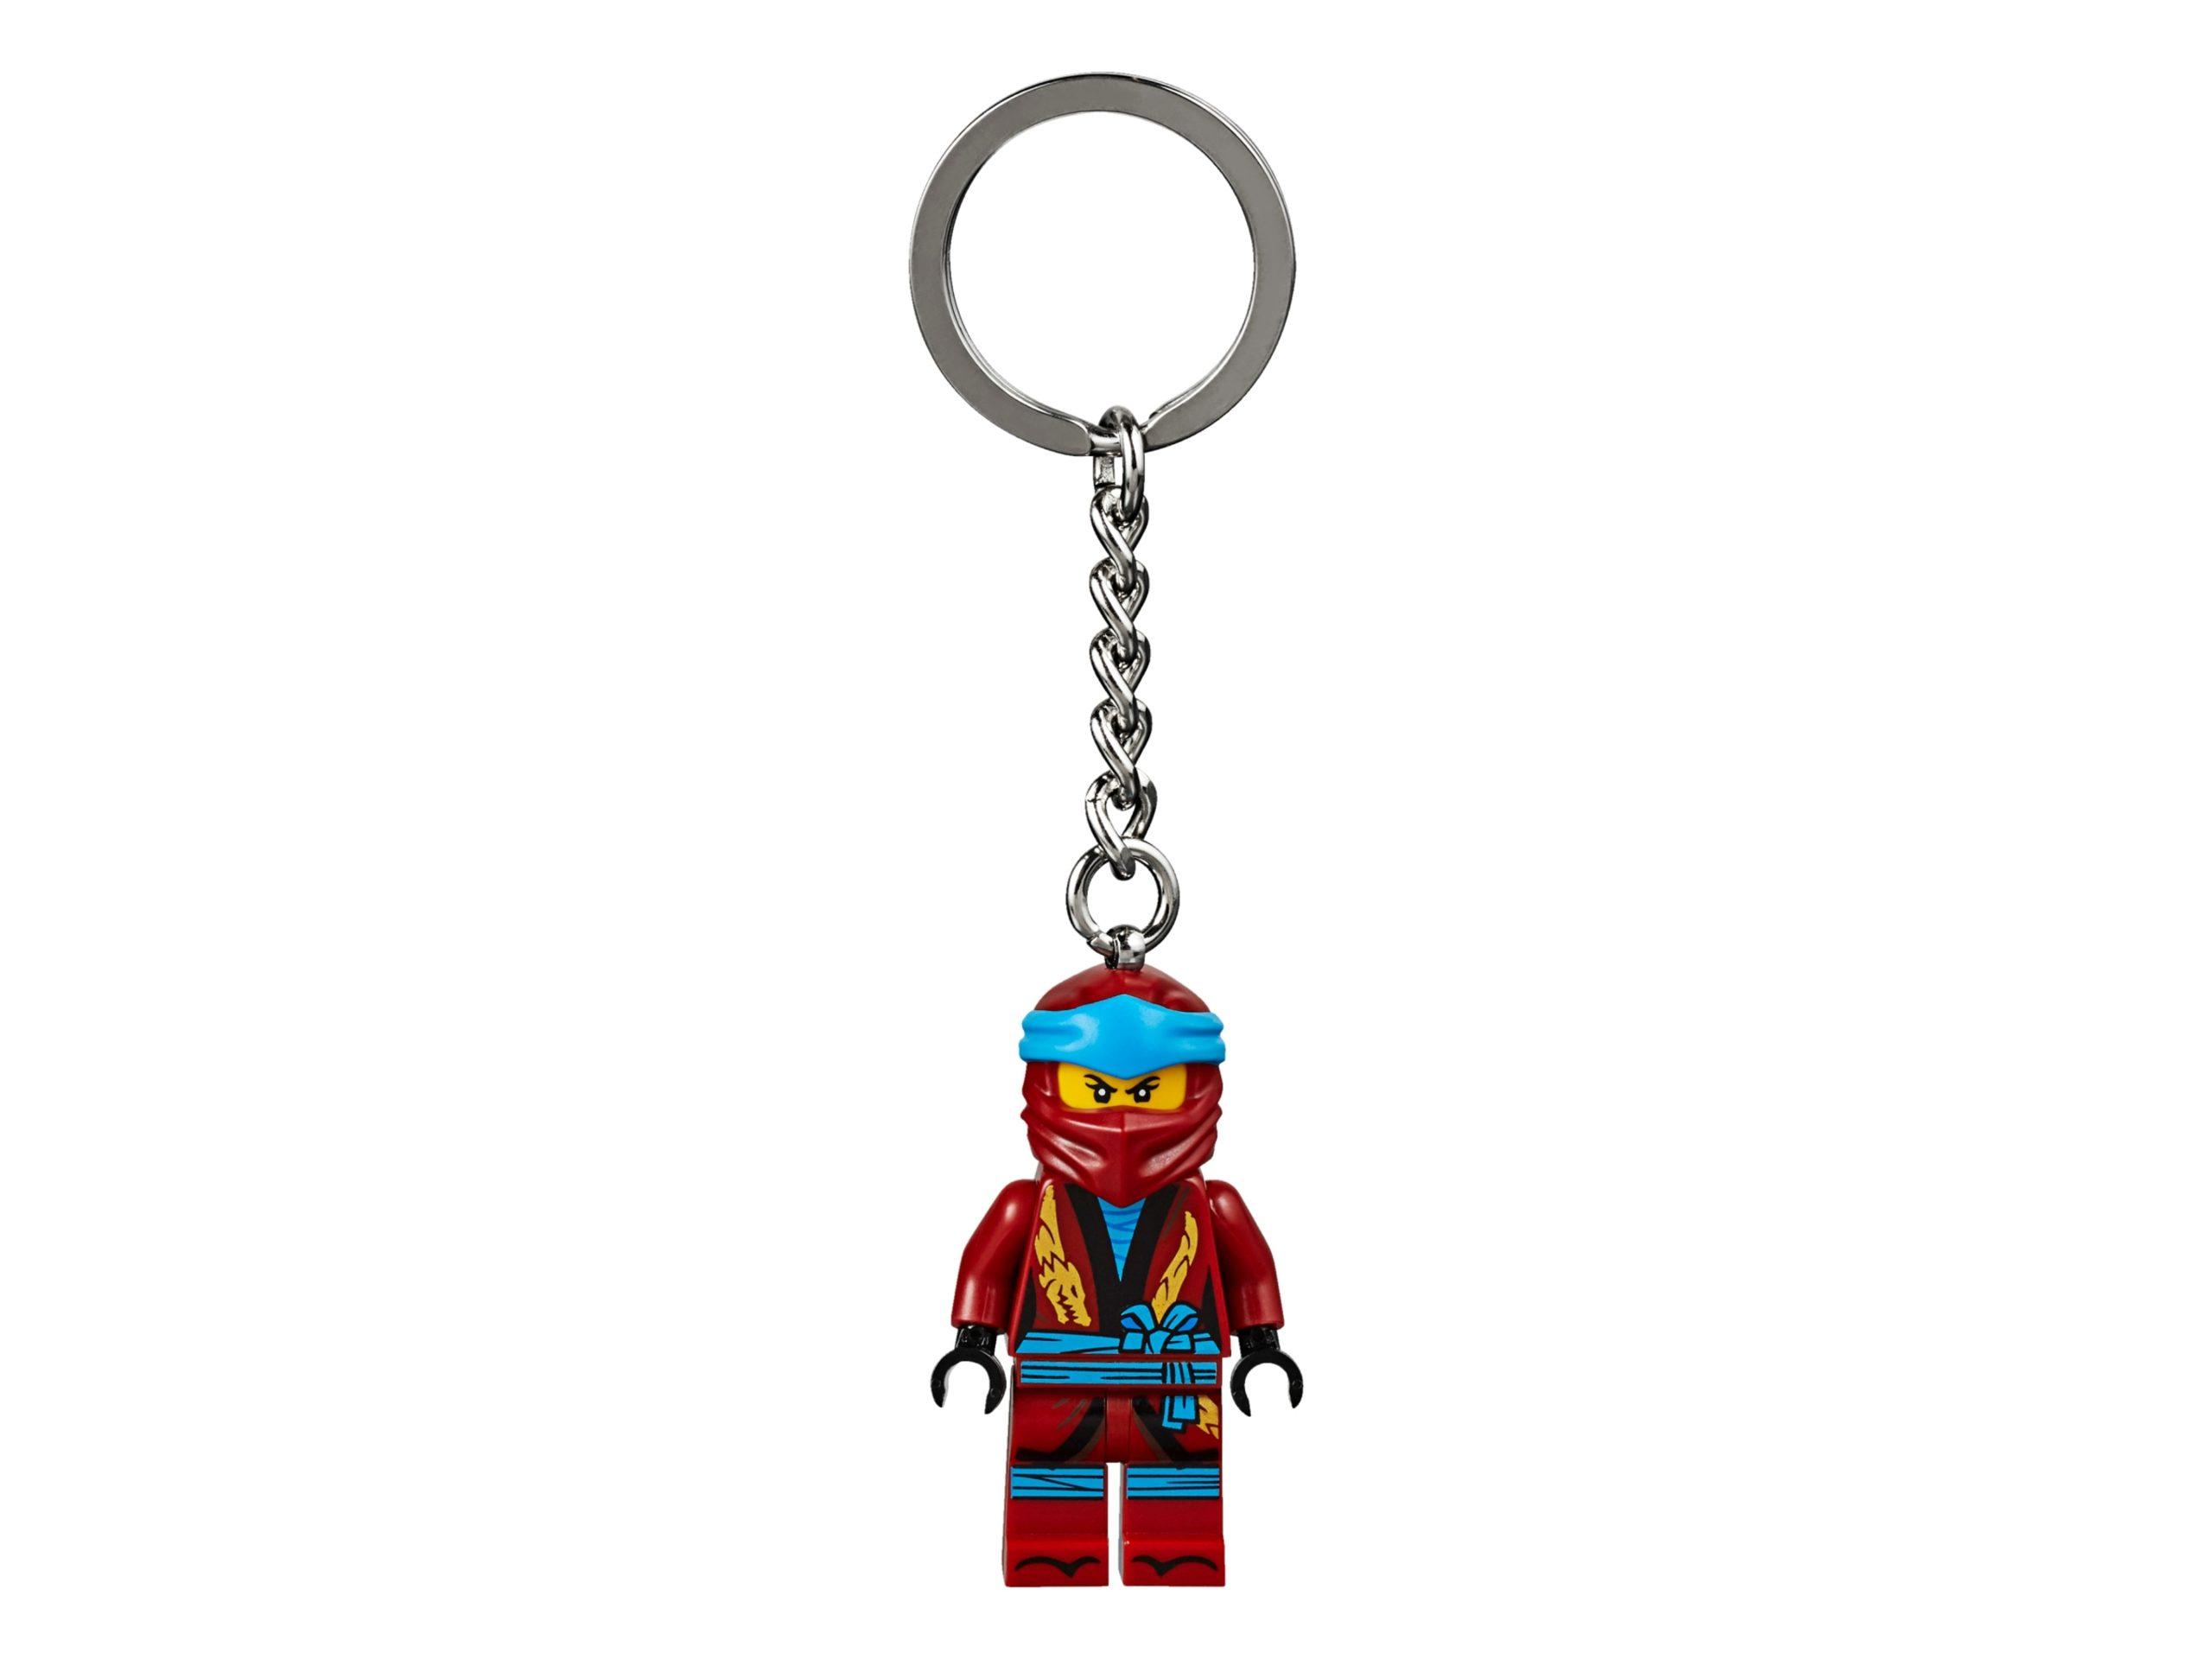 lego 853894 nya key chain scaled